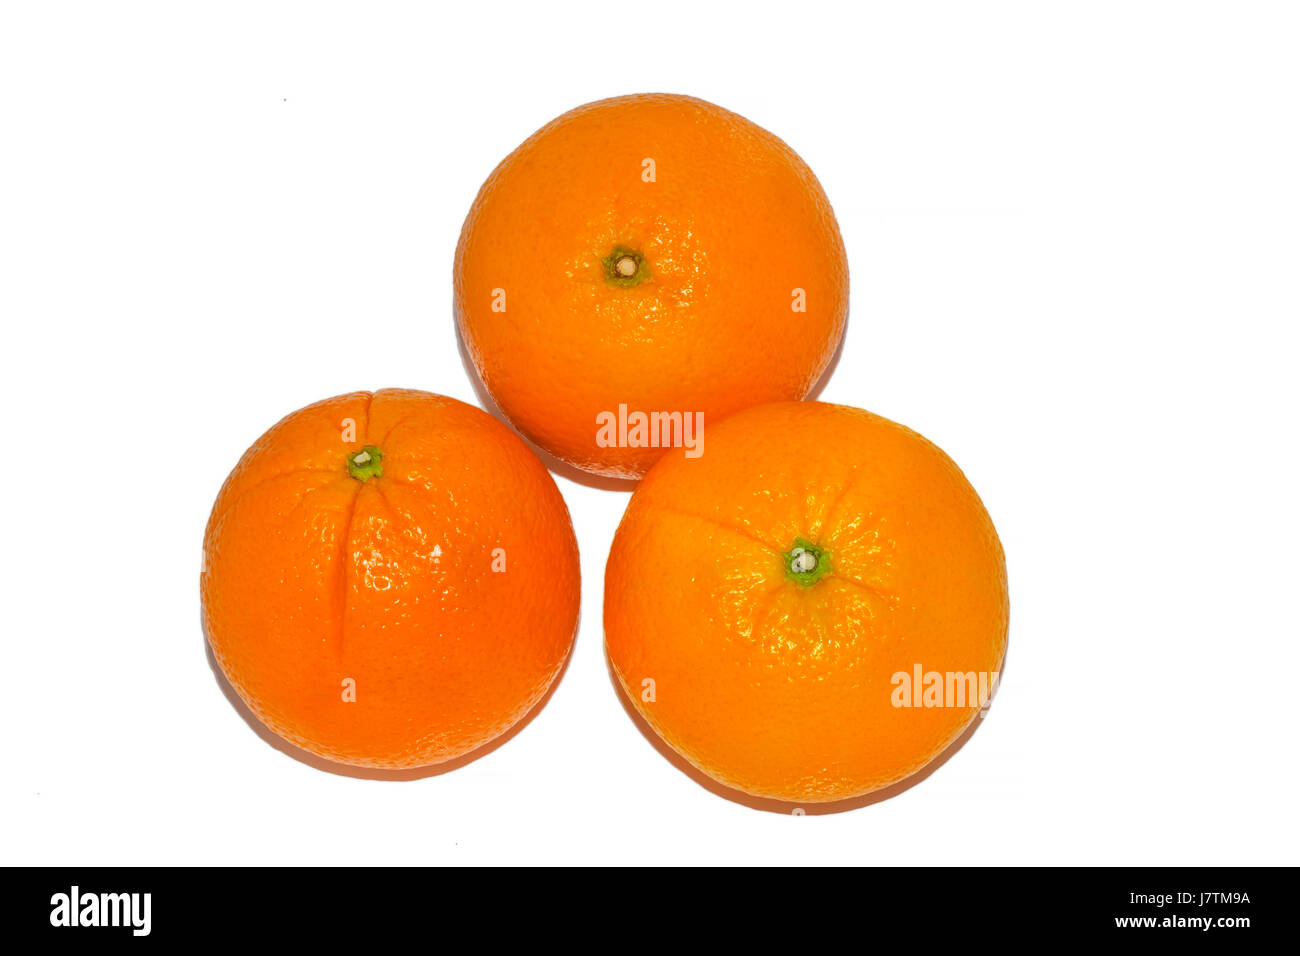 Three whole oranges isolated on white background - Stock Image